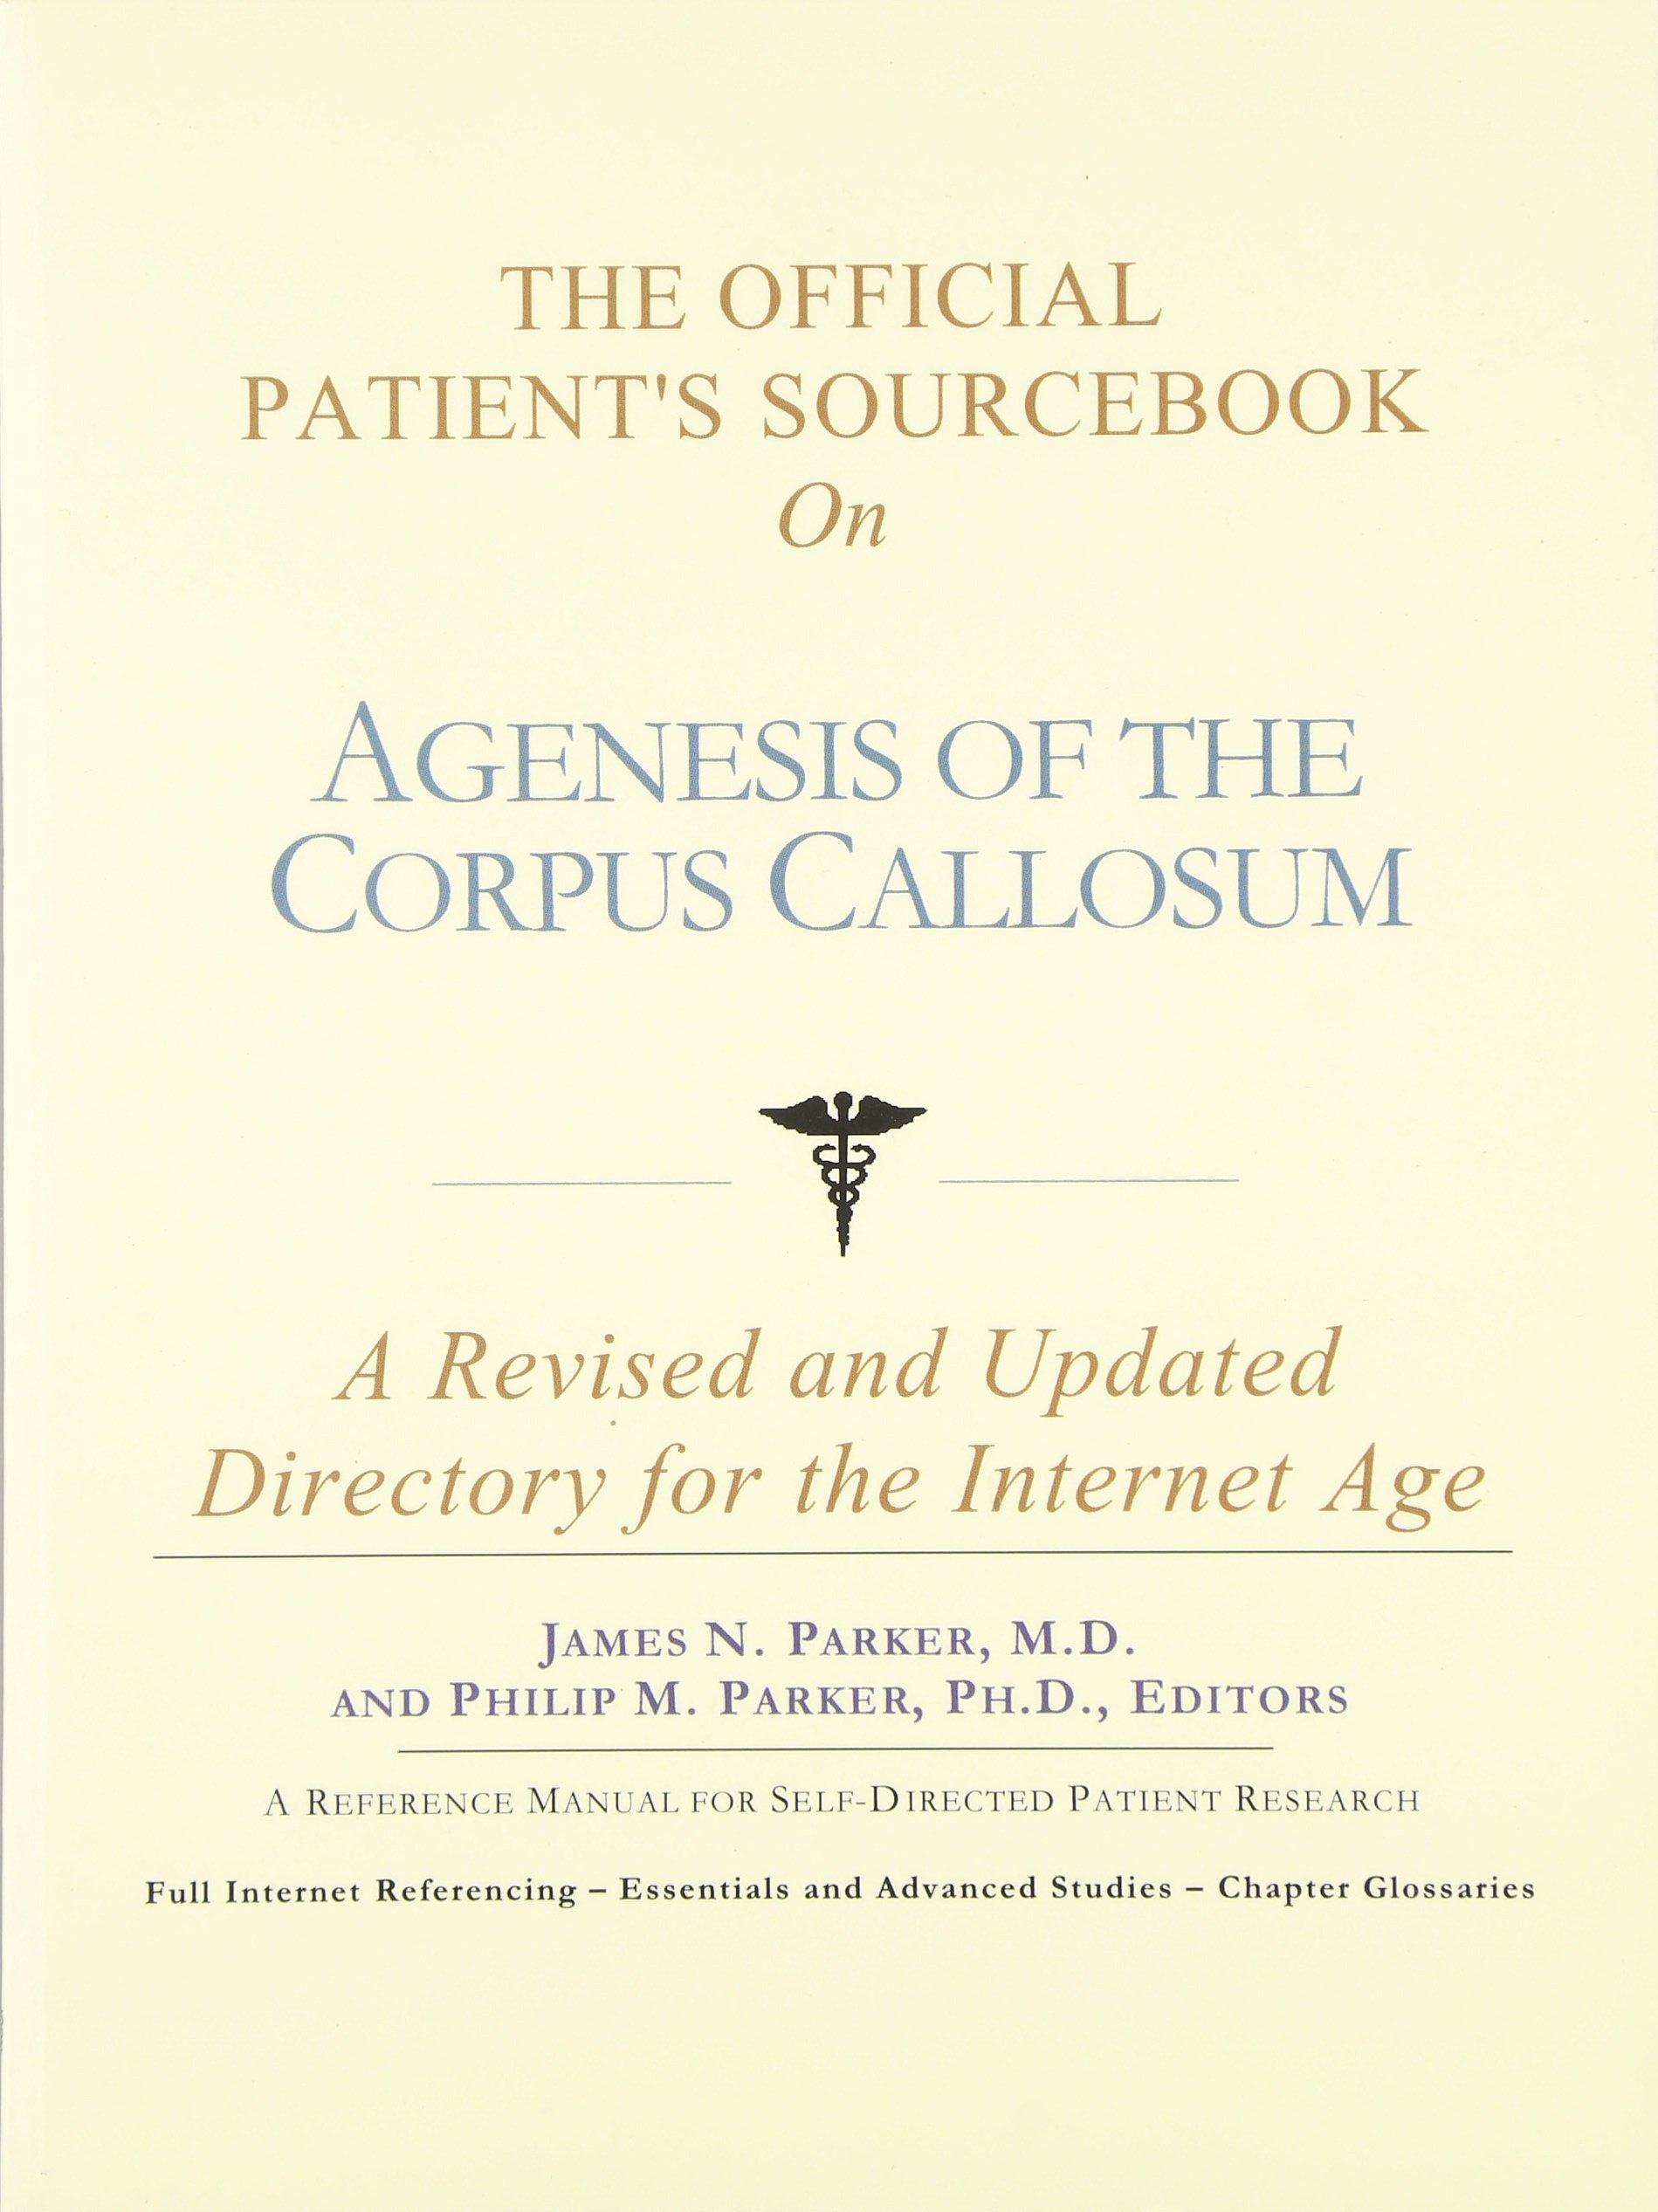 Agenesis of corpus callosum pictures of wedding